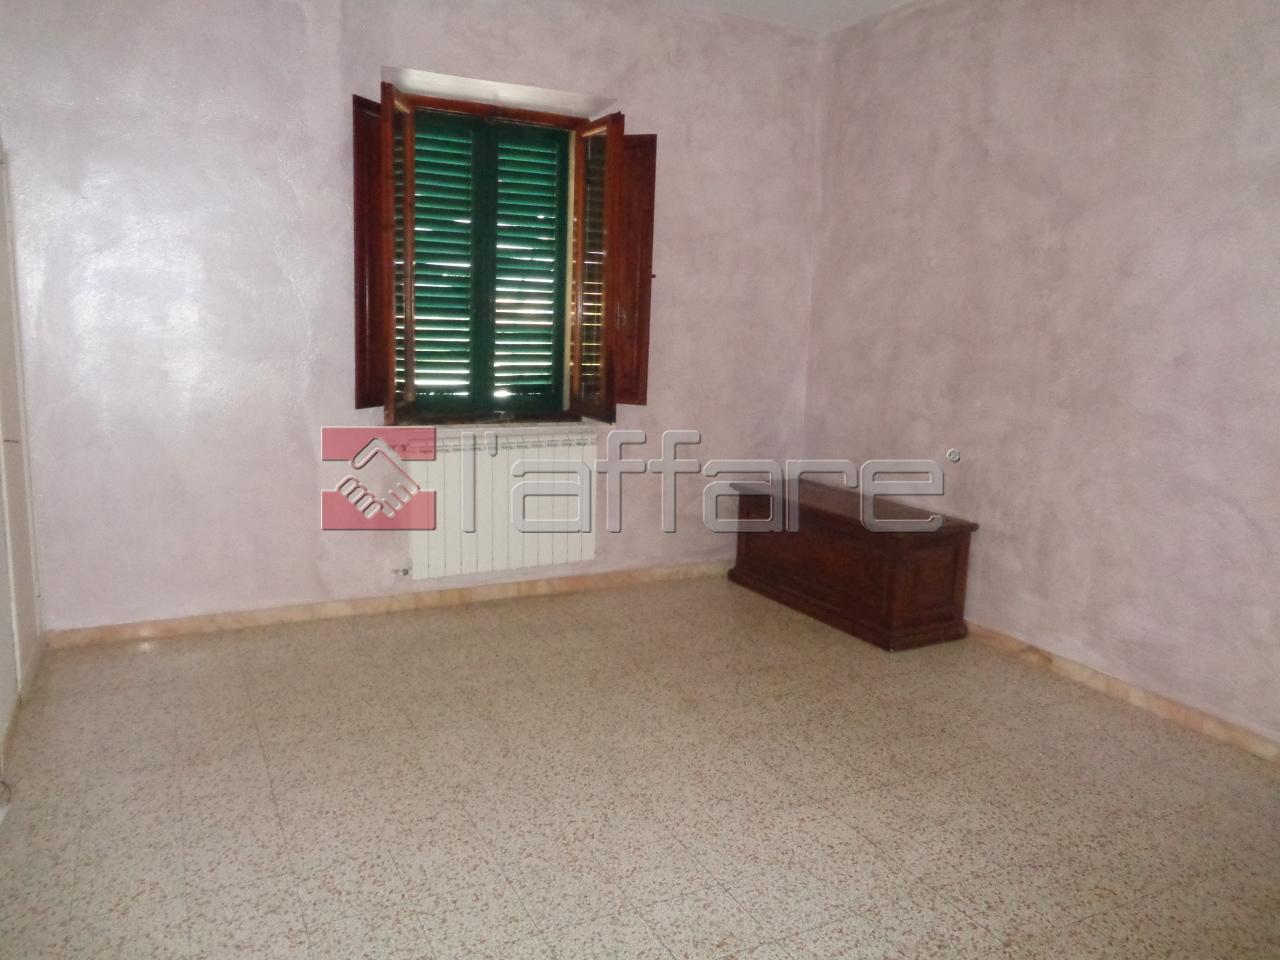 Appartamento in affitto a Capannoli, 2 locali, Trattative riservate | CambioCasa.it